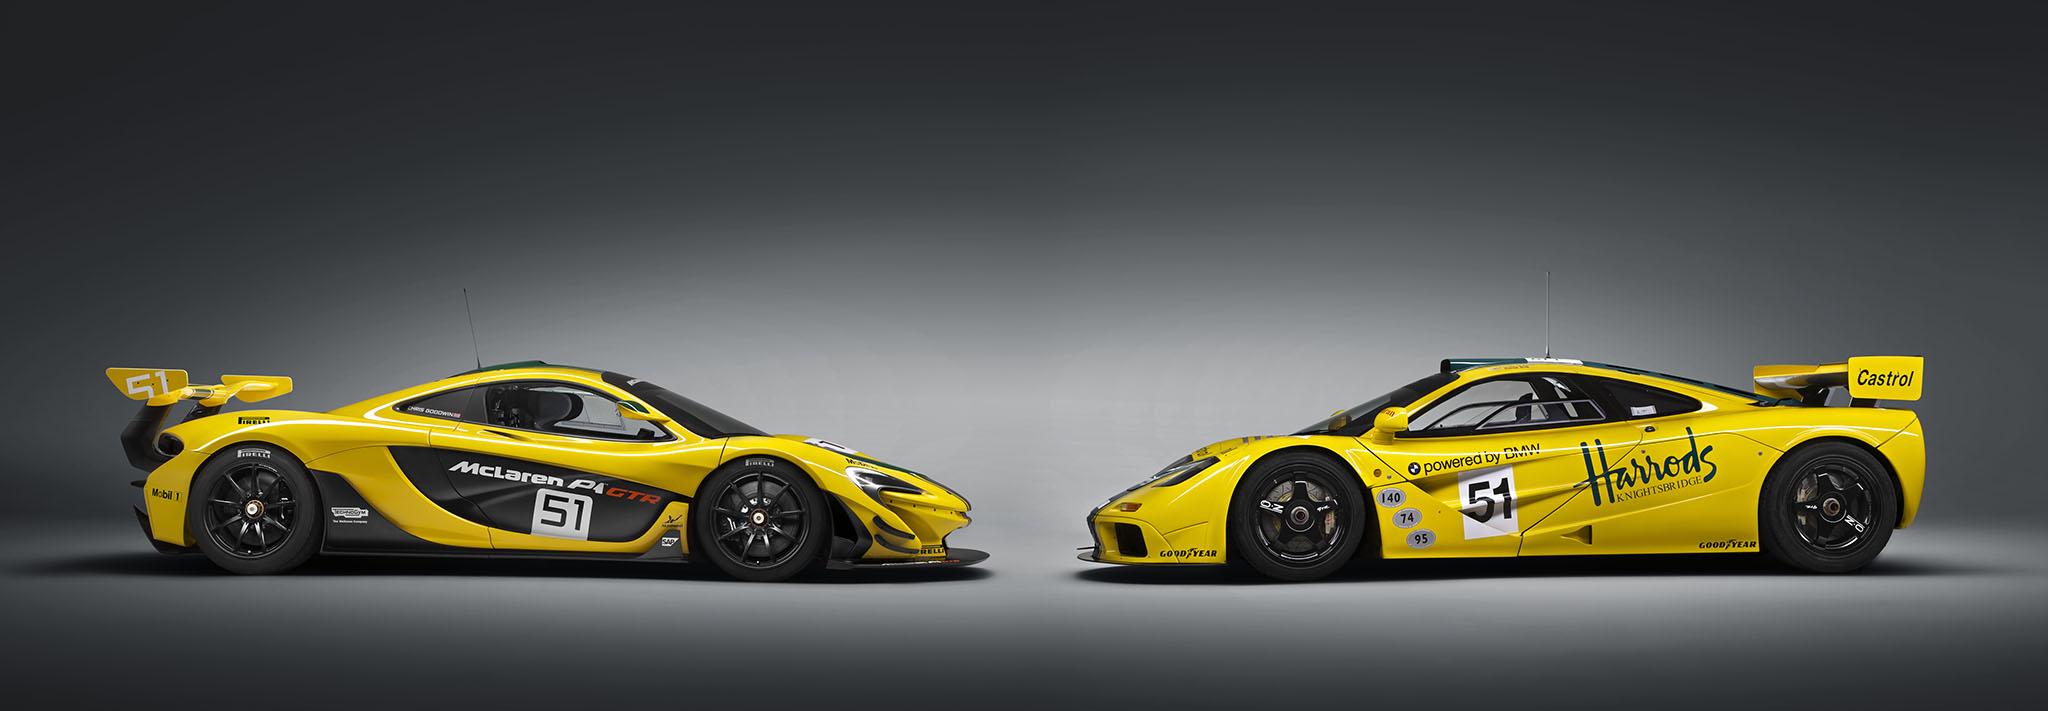 McLarenP1GTR 10